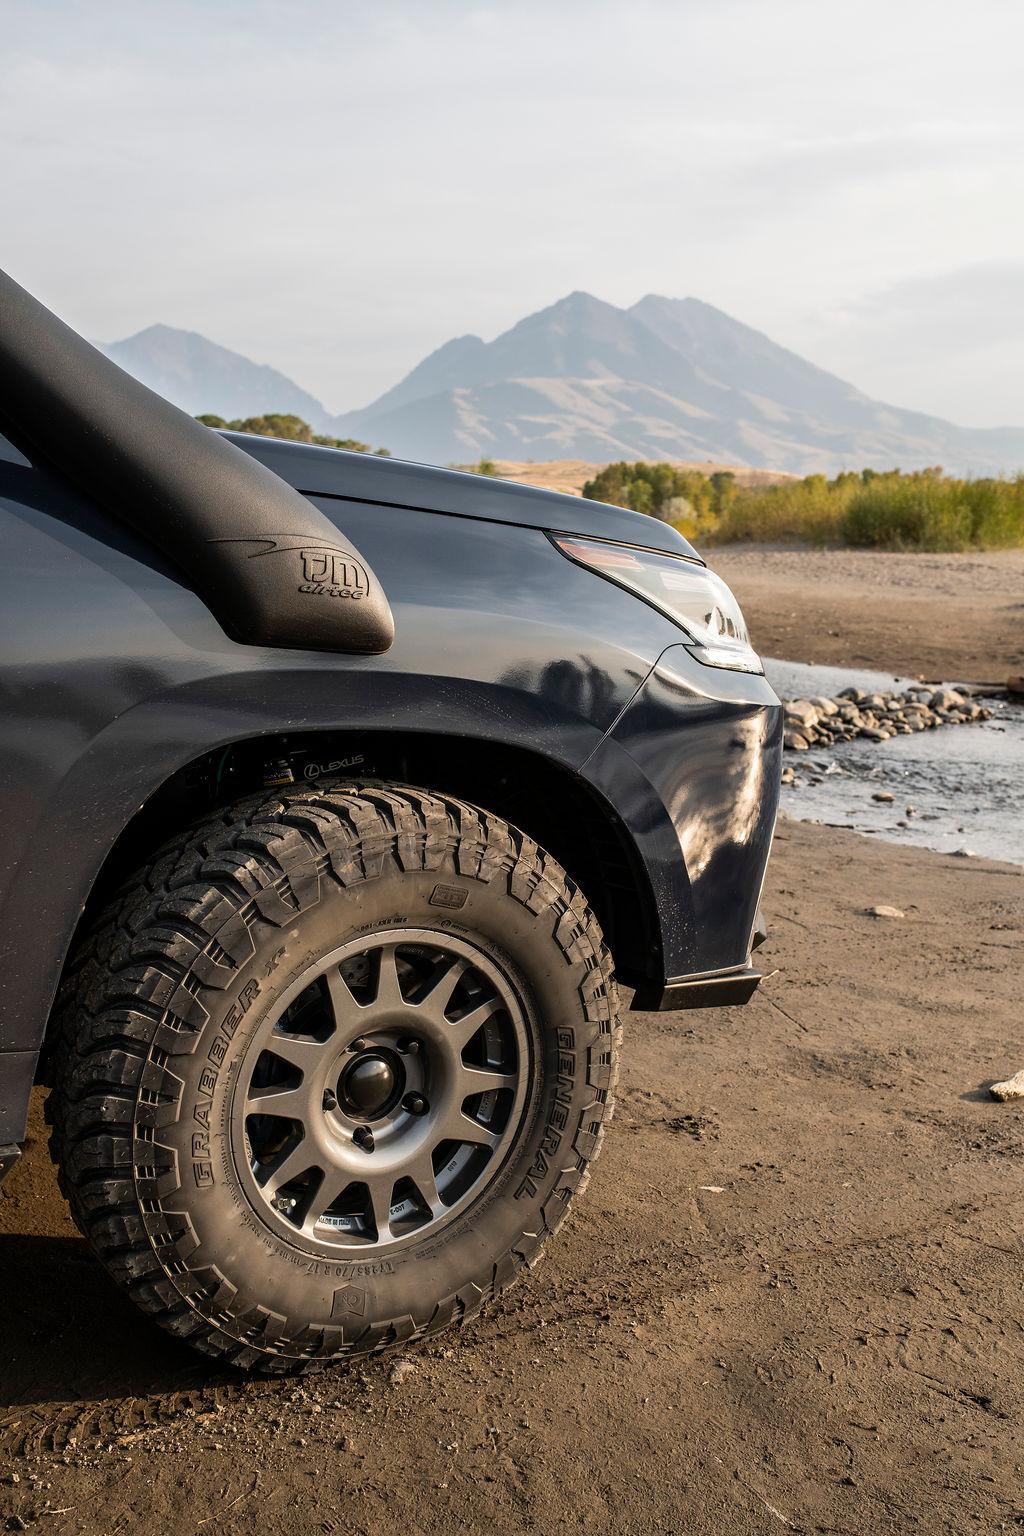 Lexus J201 Concept front wheel detail